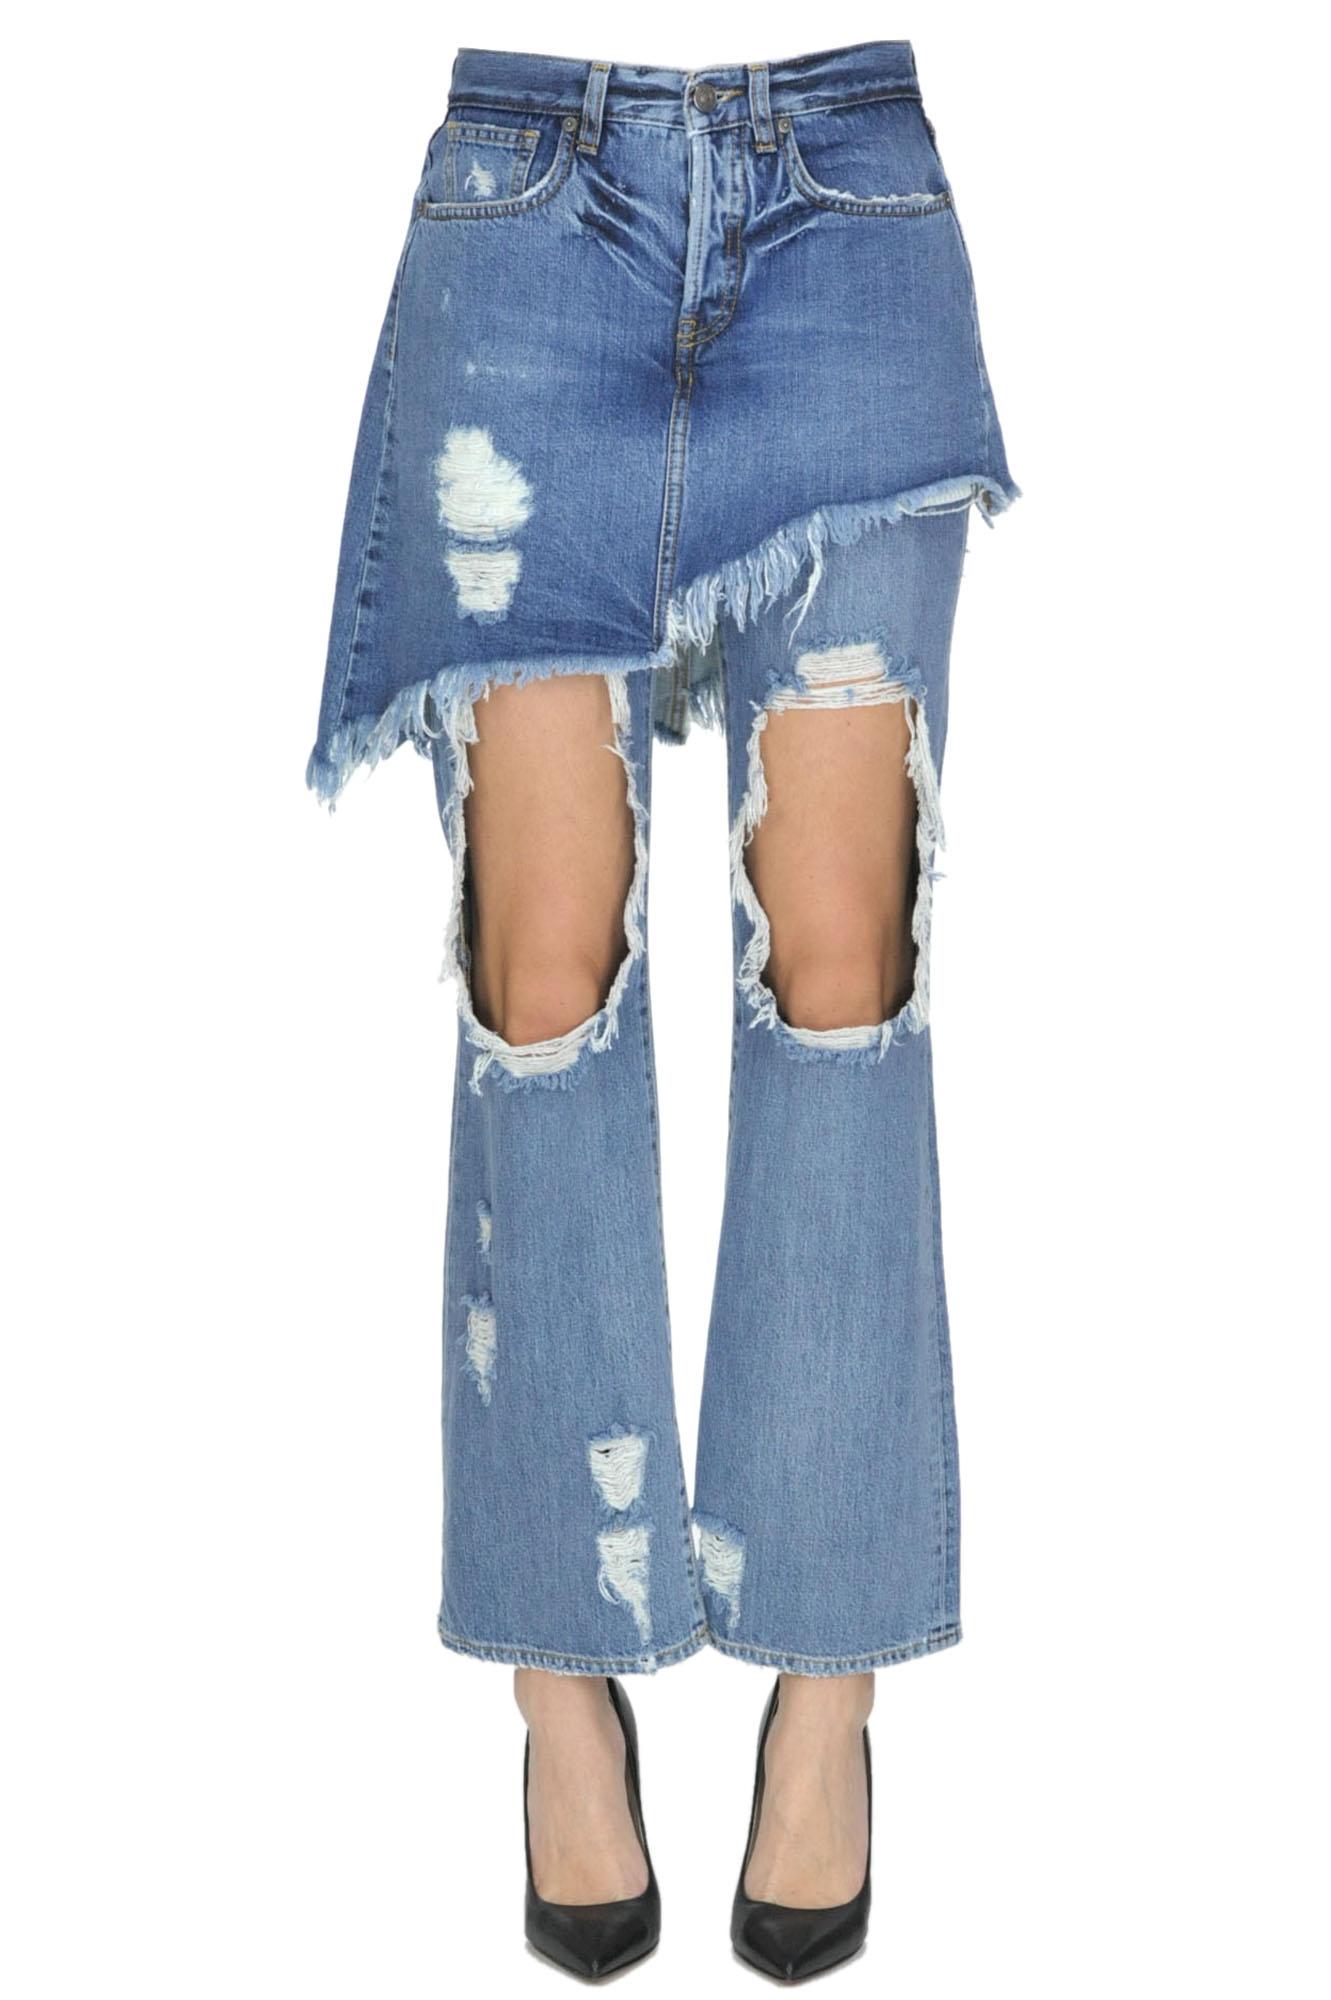 GAELLE PARIS Destroyed Jeans in Denim